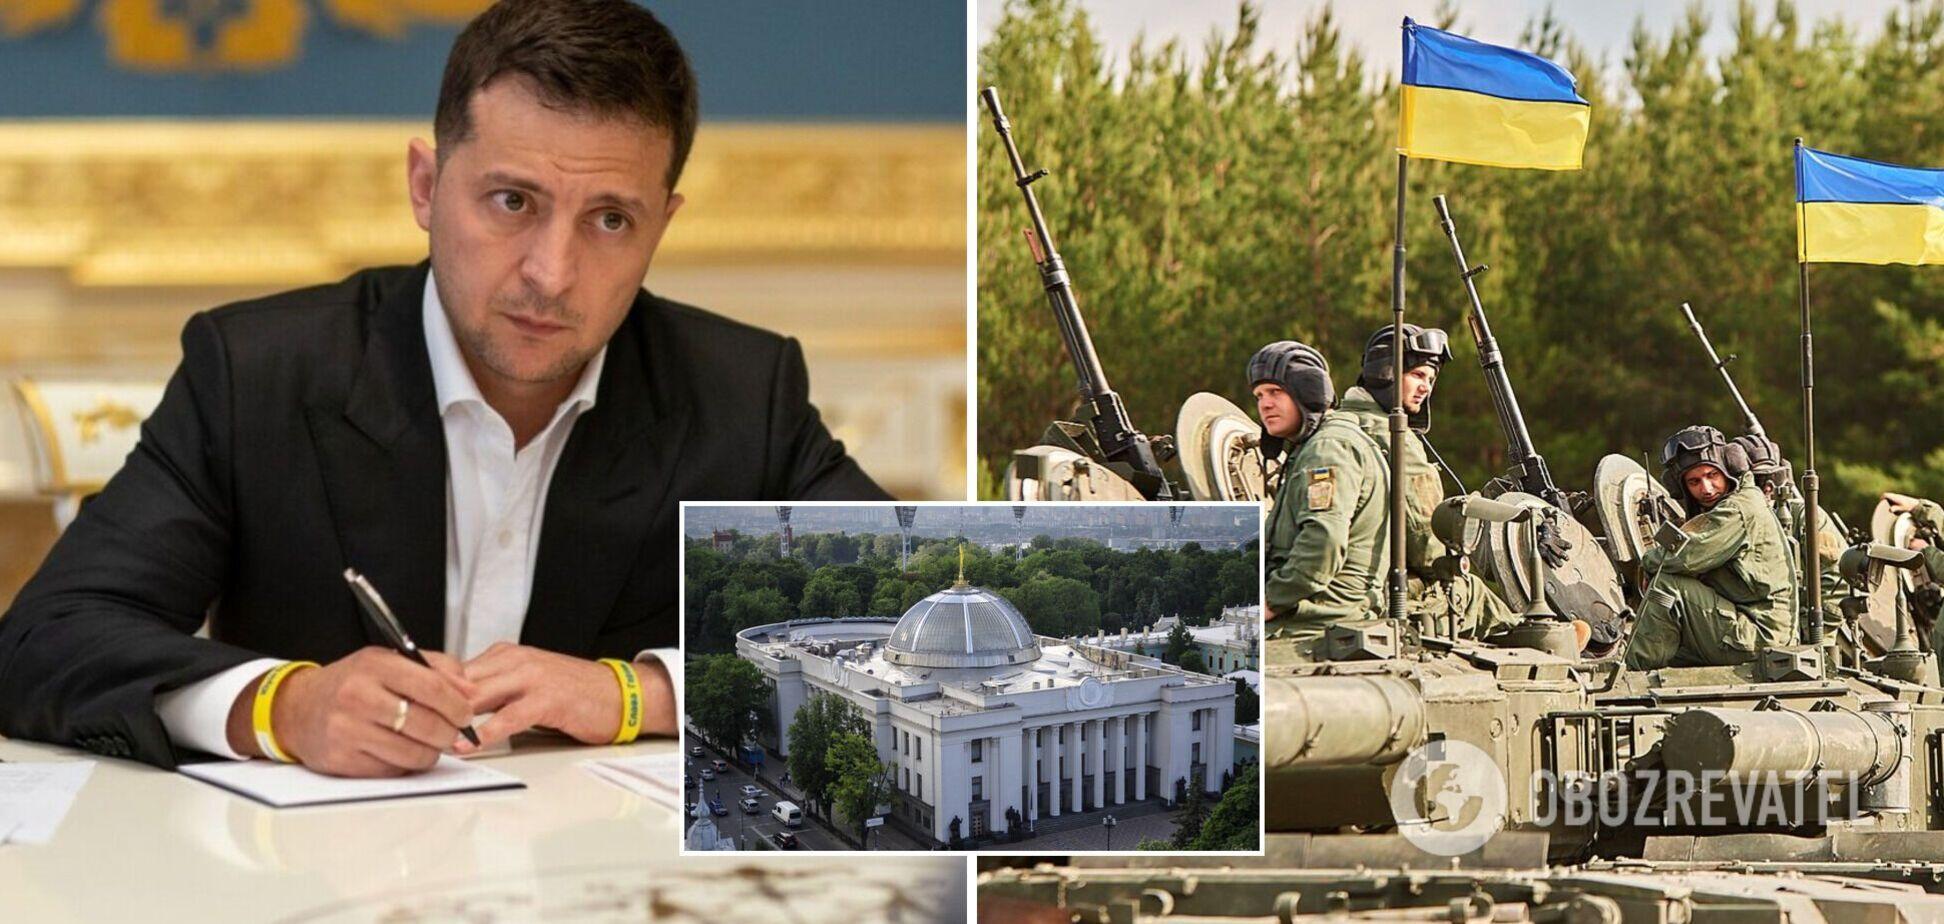 Зеленський подав у Раду законопроєкт про нацспротив і запропонував збільшити чисельність ЗСУ